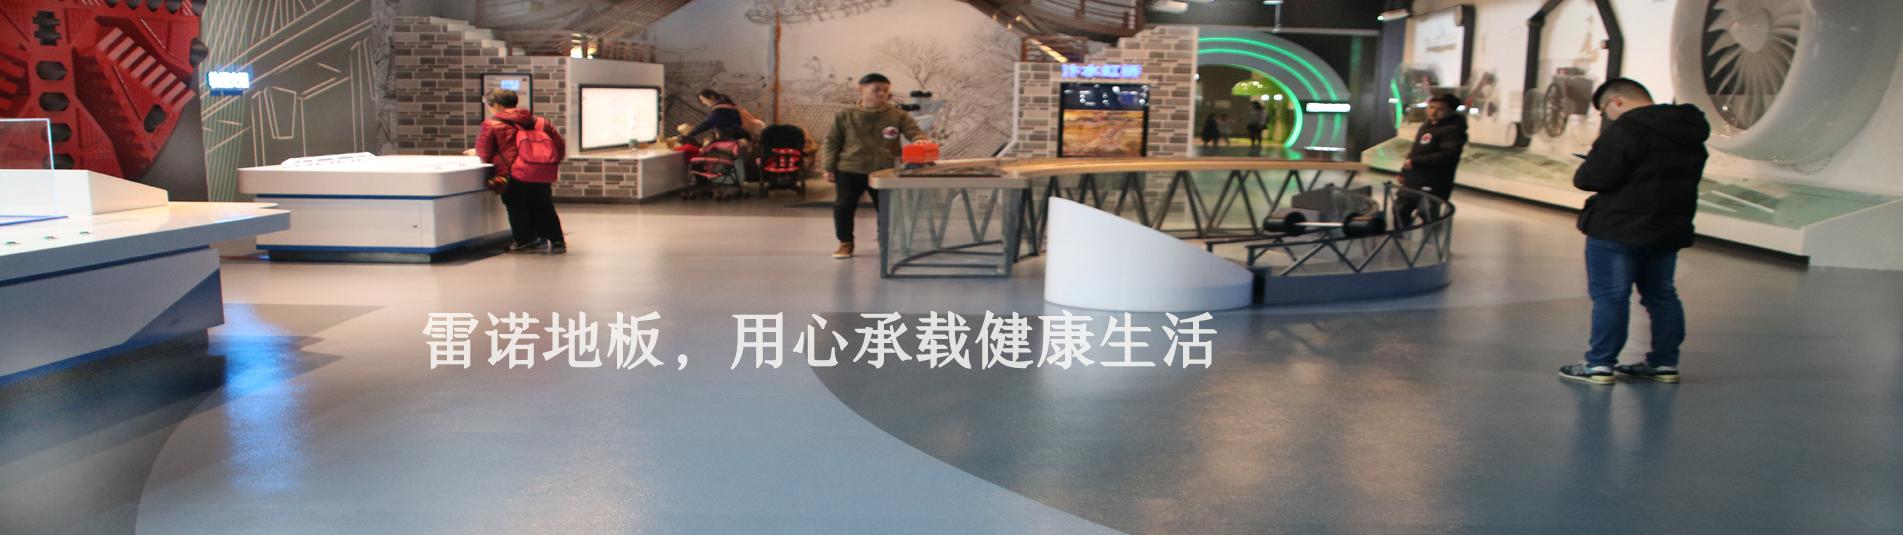 橡胶地板品牌